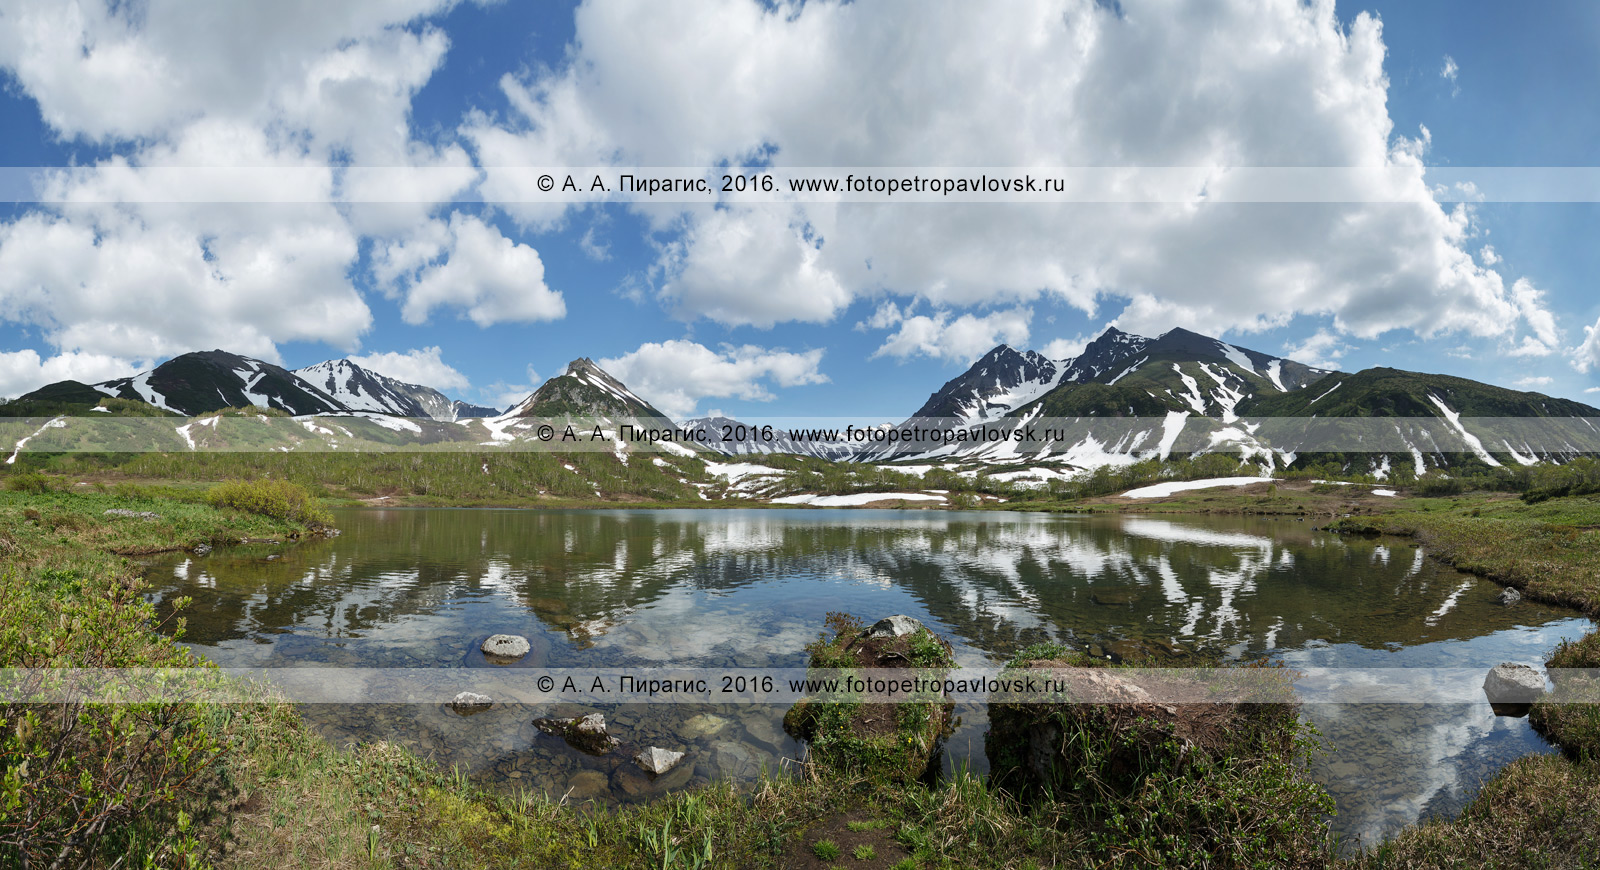 Фотография: летний камчатский горный пейзаж — панорамный вид на горный массив Вачкажец и озеро Тахколоч. Полуостров Камчатка